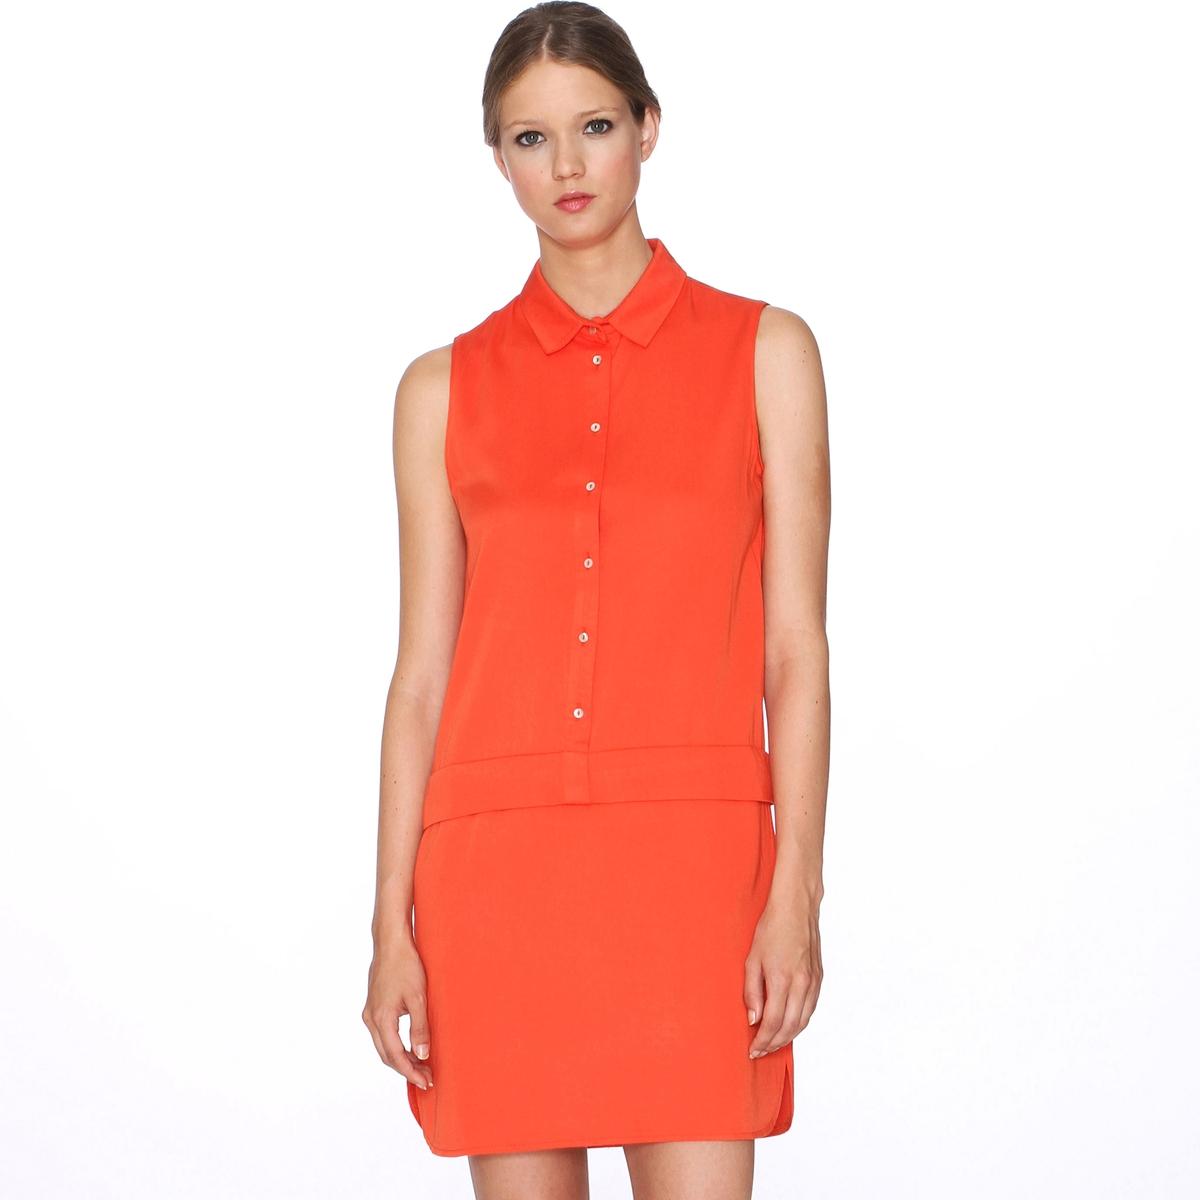 Платье без рукавов PEPALOVES, Dress AmaiaПлатье без рукавов Dress Amaia от PEPALOVES . Рубашечный воротник. Застежка на пуговицы до пояса . Низ с закругленным вырезом .Состав и описание :Материал : 100% вискозыМарка : PEPALOVES<br><br>Цвет: красный<br>Размер: L